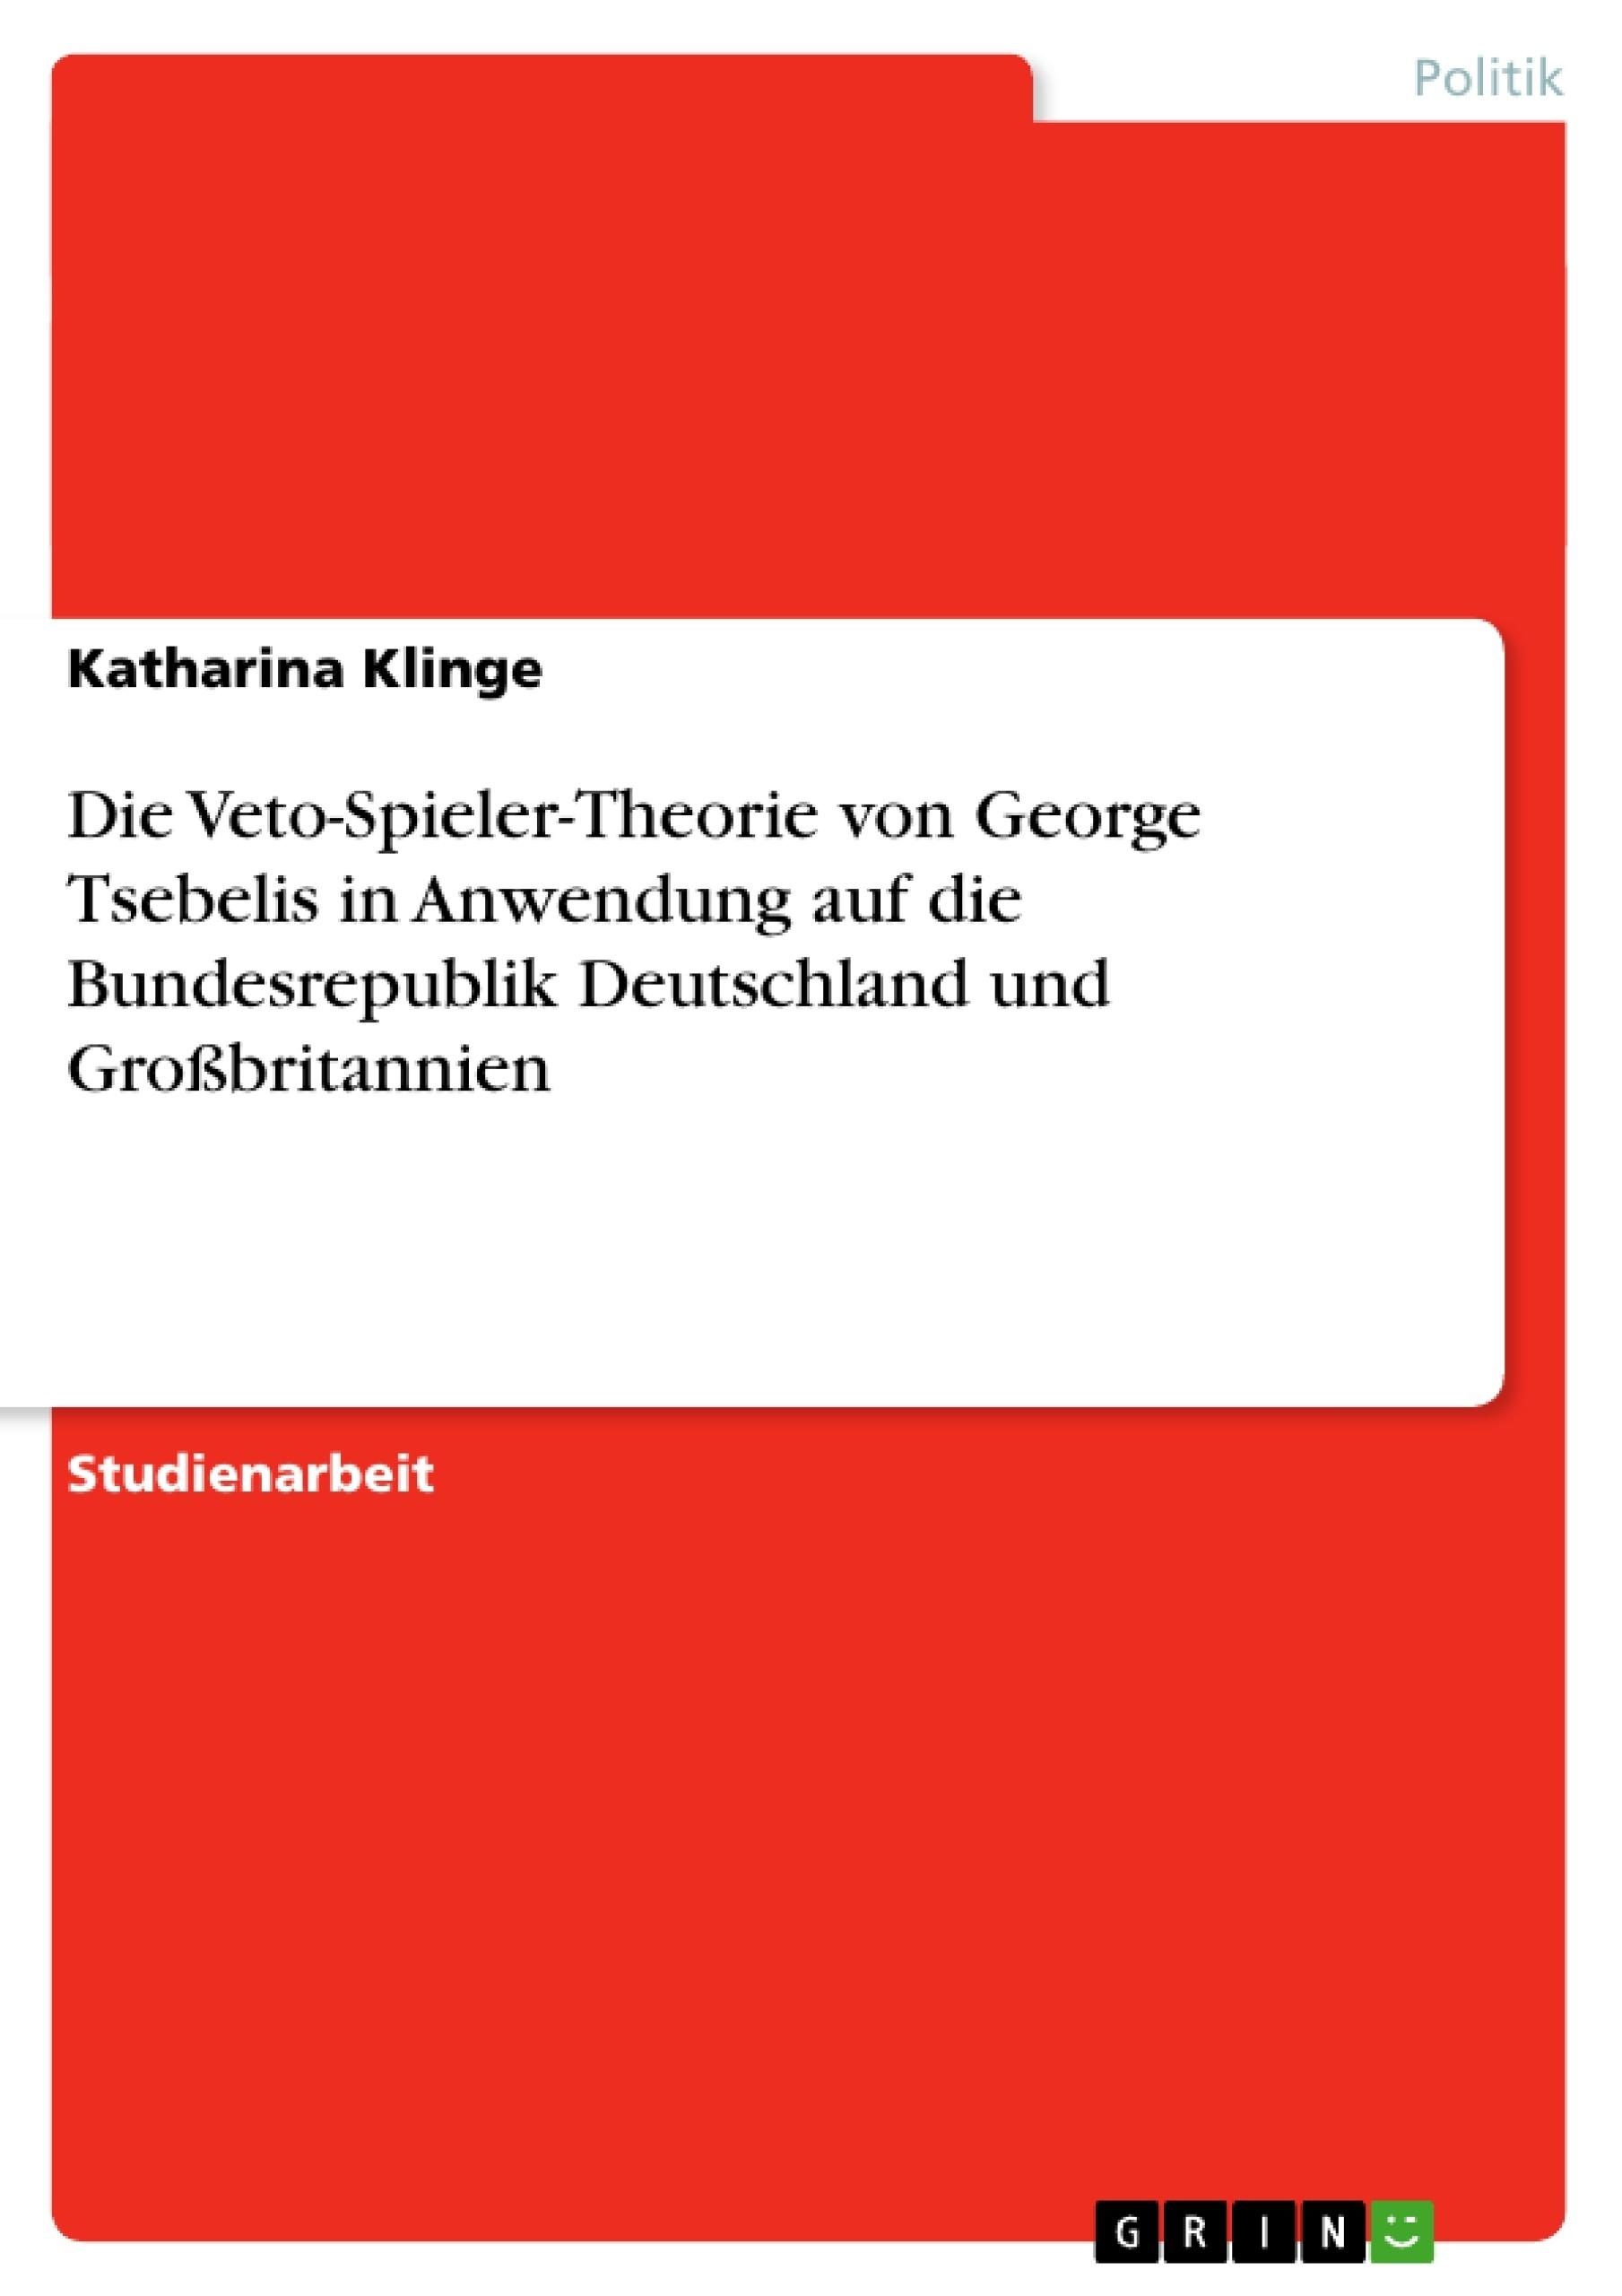 Titel: Die Veto-Spieler-Theorie von George Tsebelis in Anwendung auf die Bundesrepublik Deutschland und Großbritannien